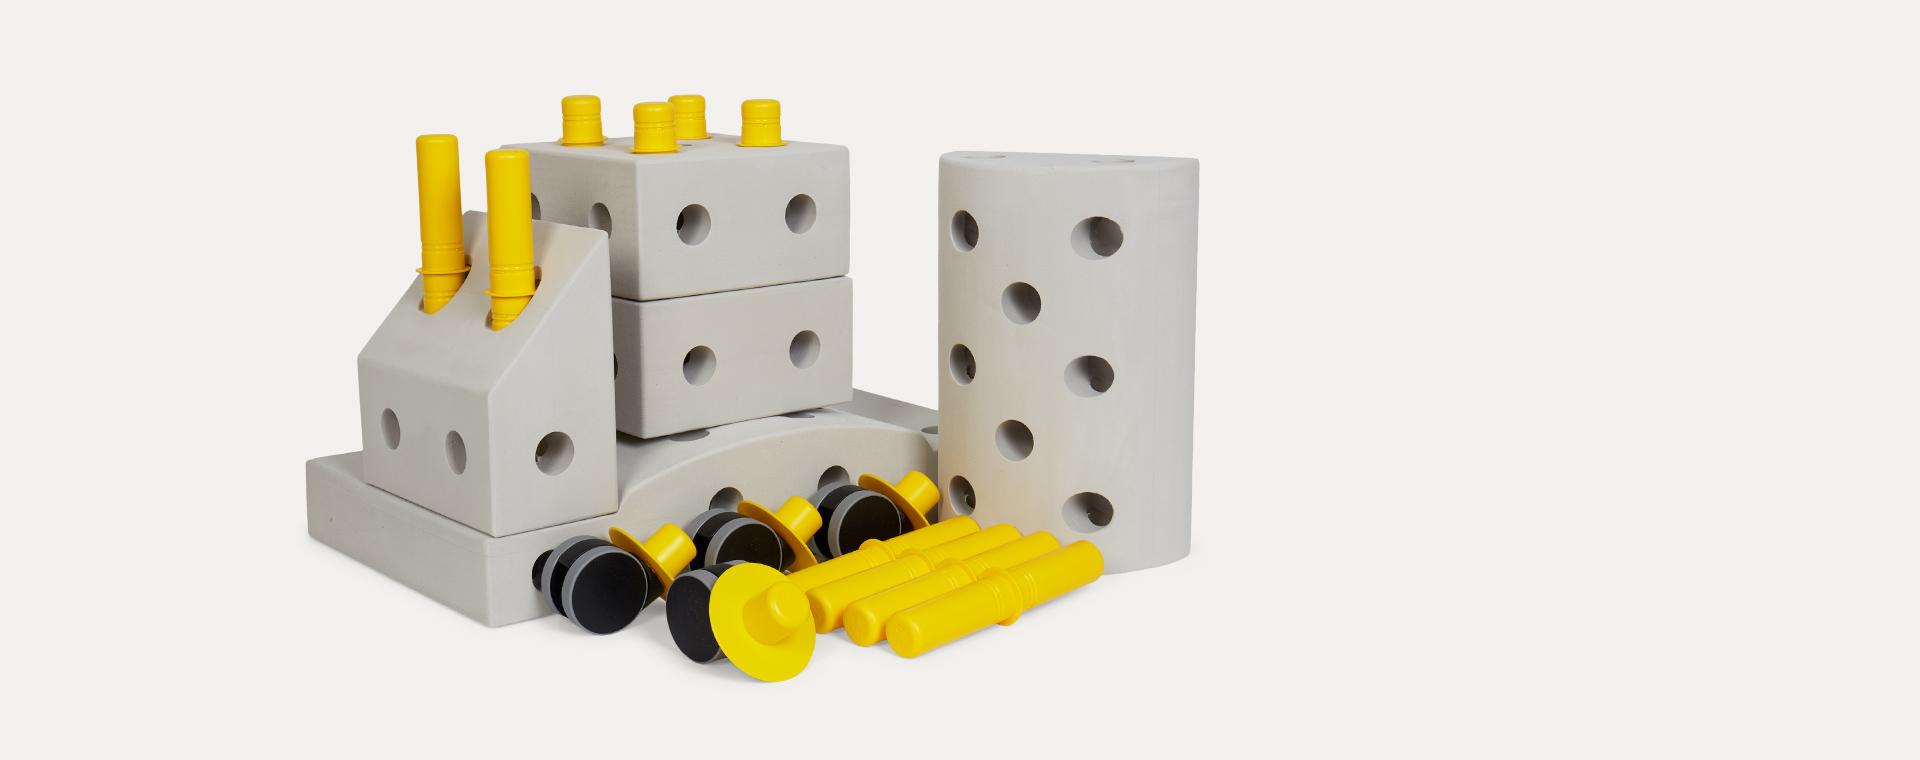 Explorer Kit Modu Life Size Building Toy Explorer Kit